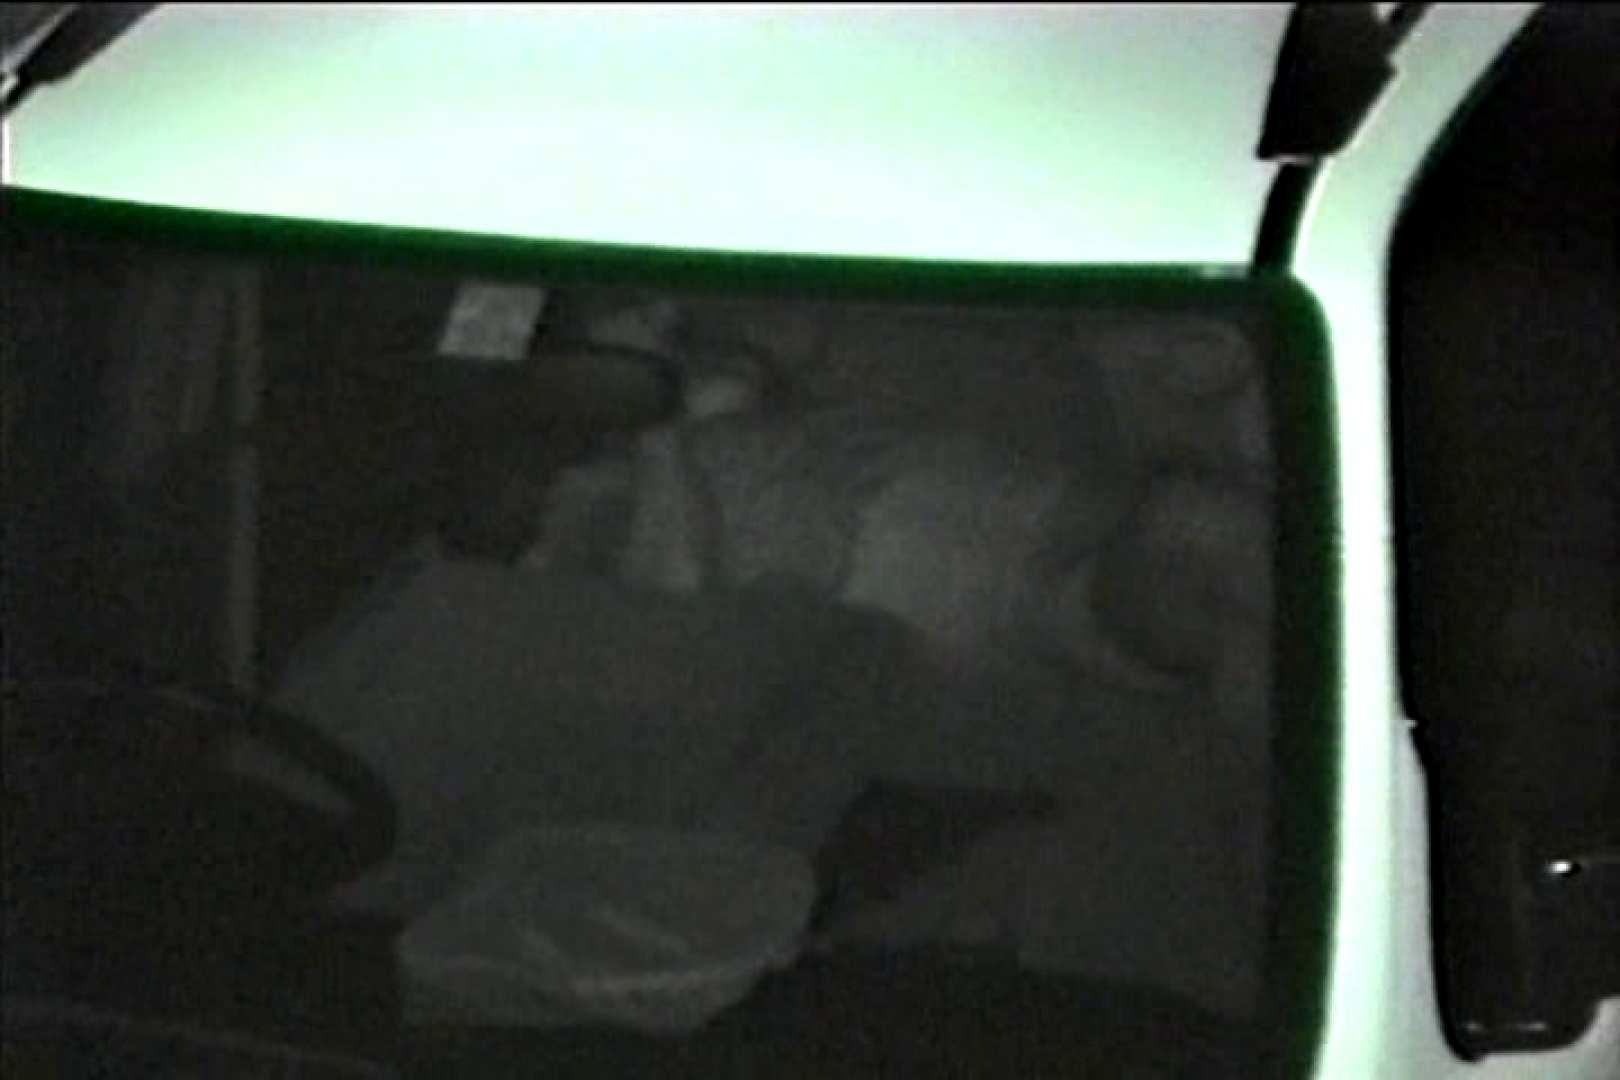 車の中はラブホテル 無修正版  Vol.7 ラブホテル AV無料動画キャプチャ 96連発 55